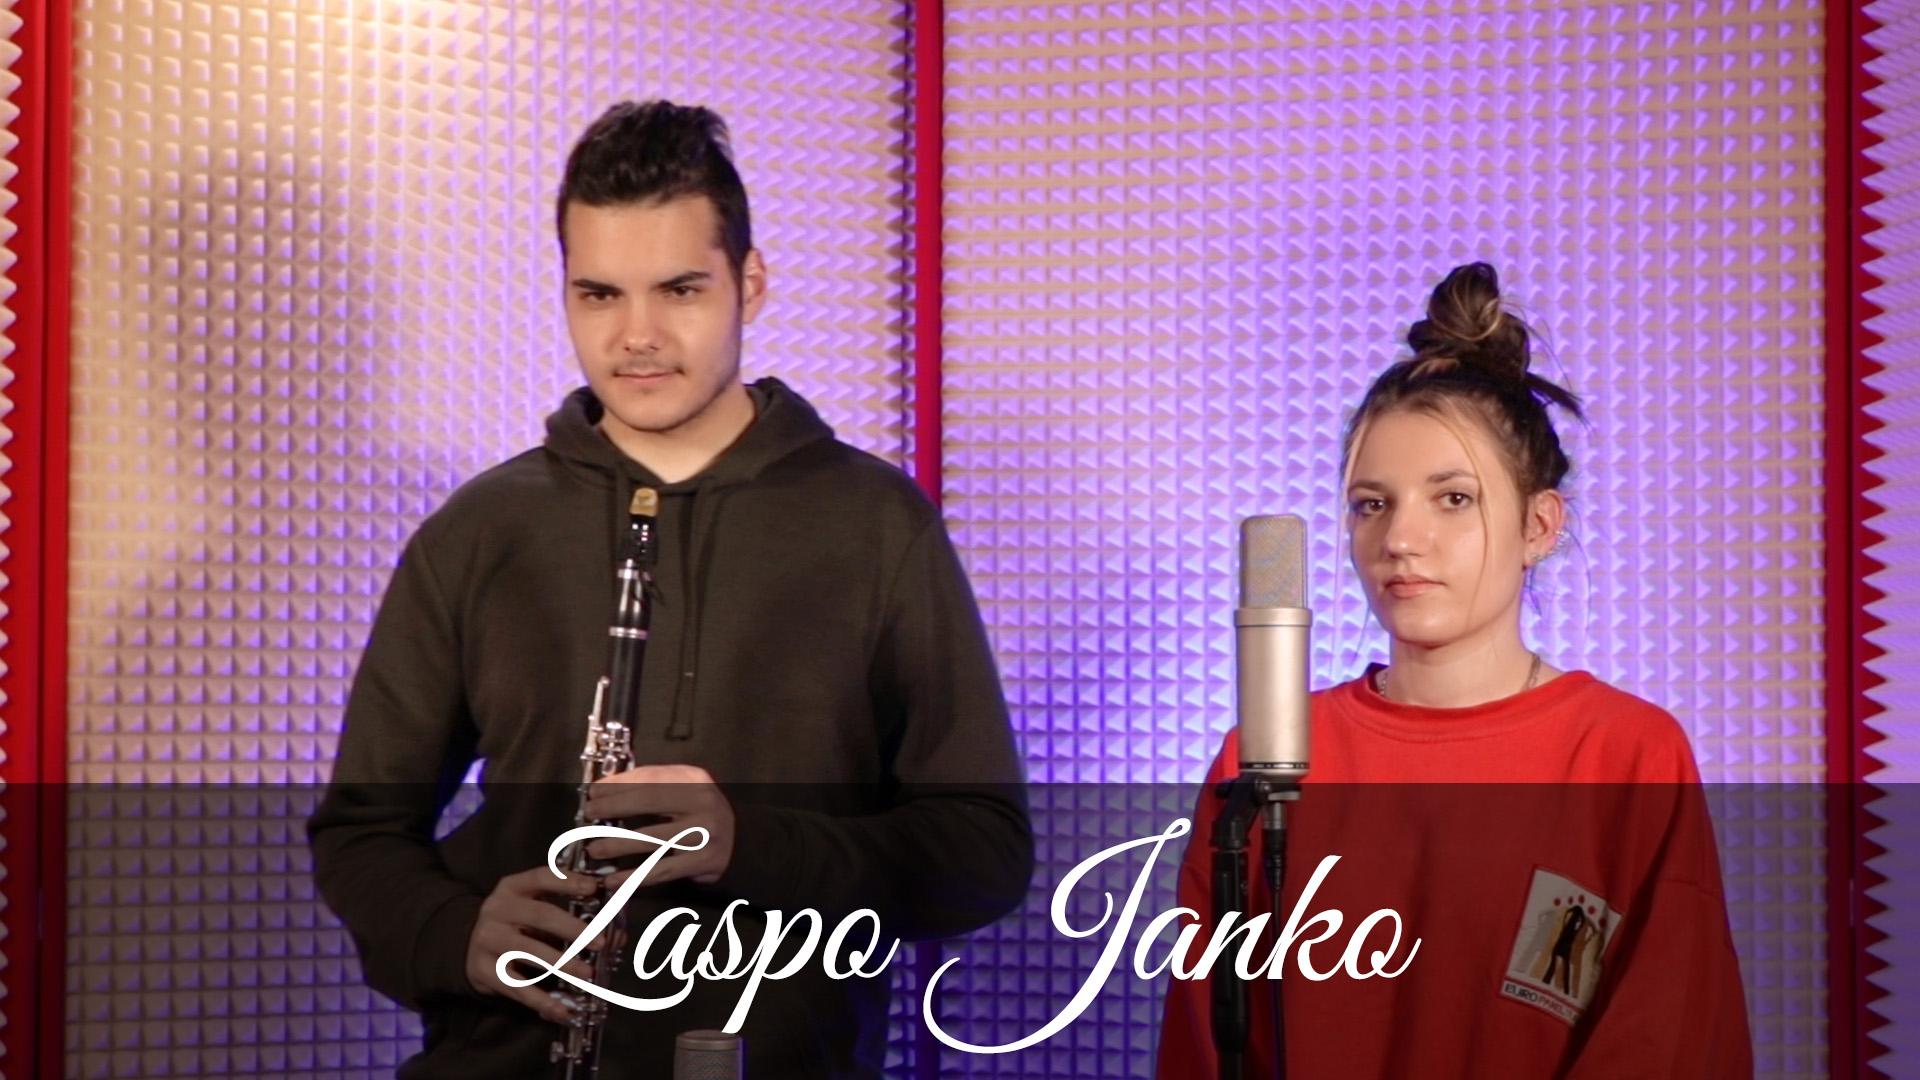 Tijana Stamenković & Dositej Novaković – Zaspo Janko